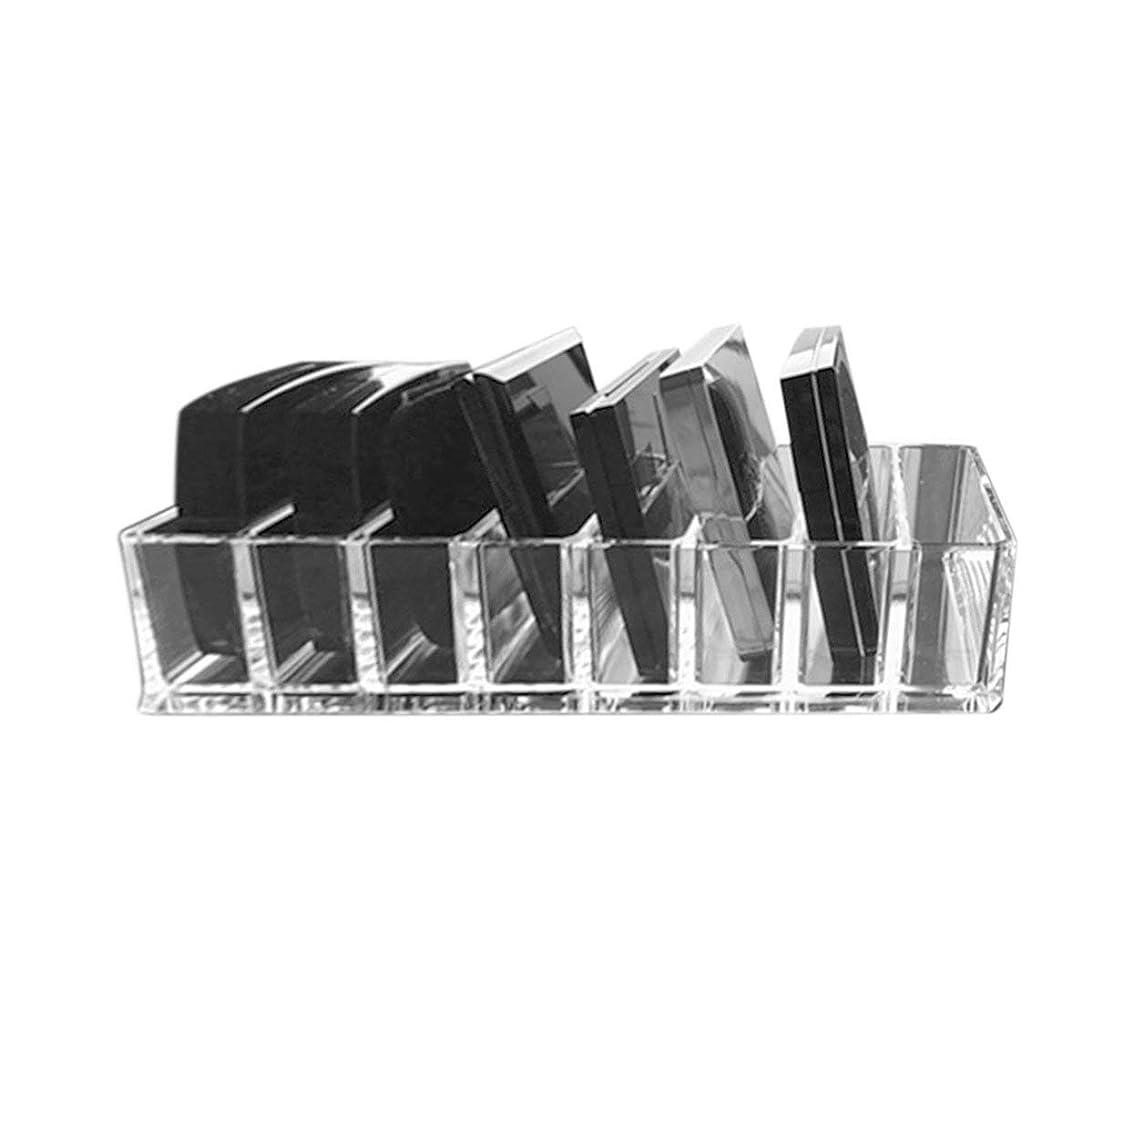 かろうじてポーズ増強するSaikogoods 実用的な透明アクリルメイクアレンジストレージボックスリップスティックホルダー透明なマルチスロットデスクトップ化粧品オーガナイザー トランスペアレント